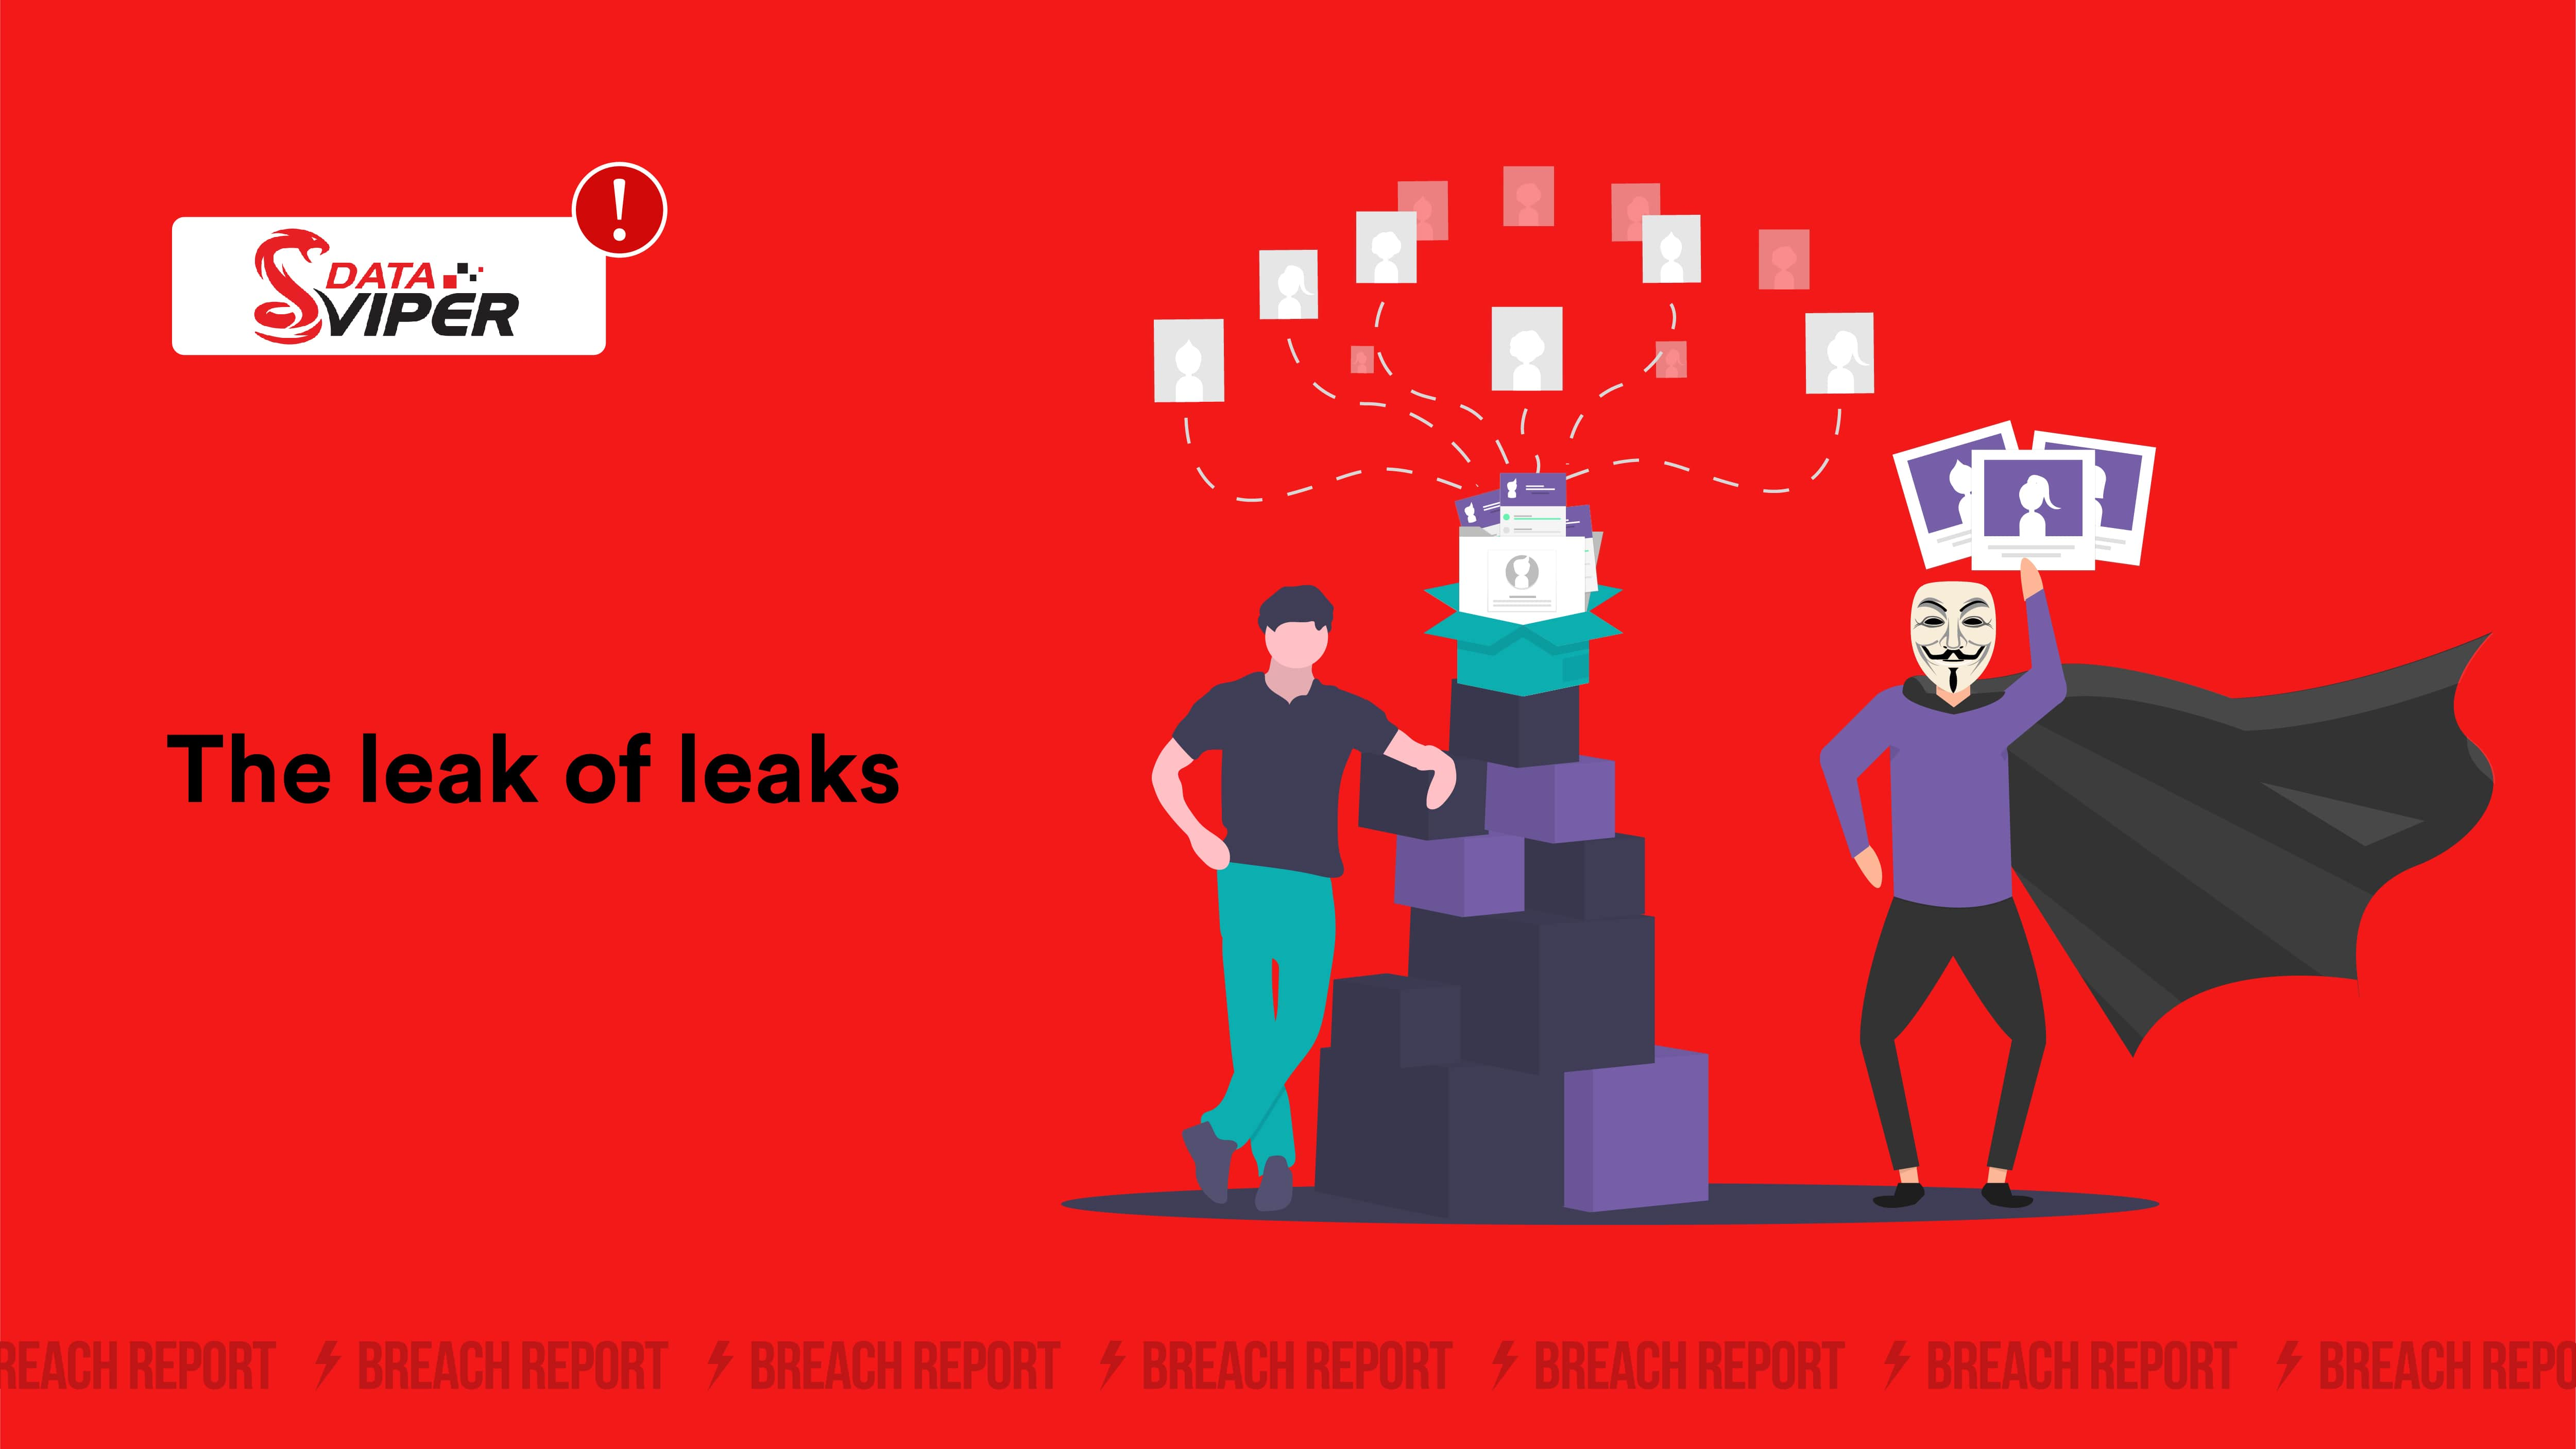 data breach antivirus data leak breach monitoring cyber security data viper